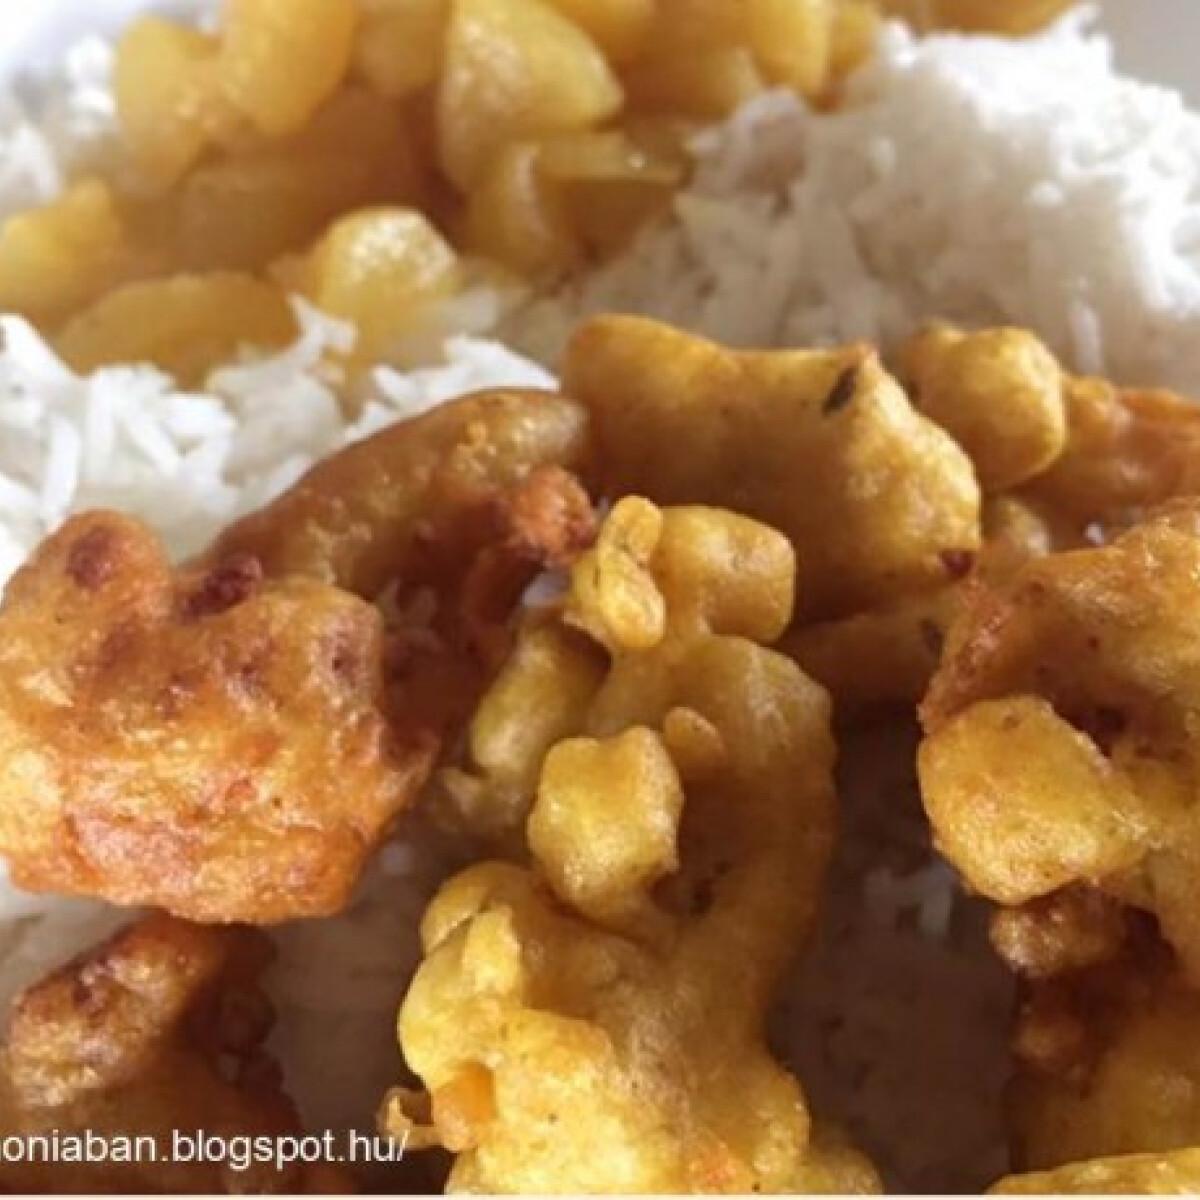 Karfiol pakora - karfiol fűszeres bundában sütve